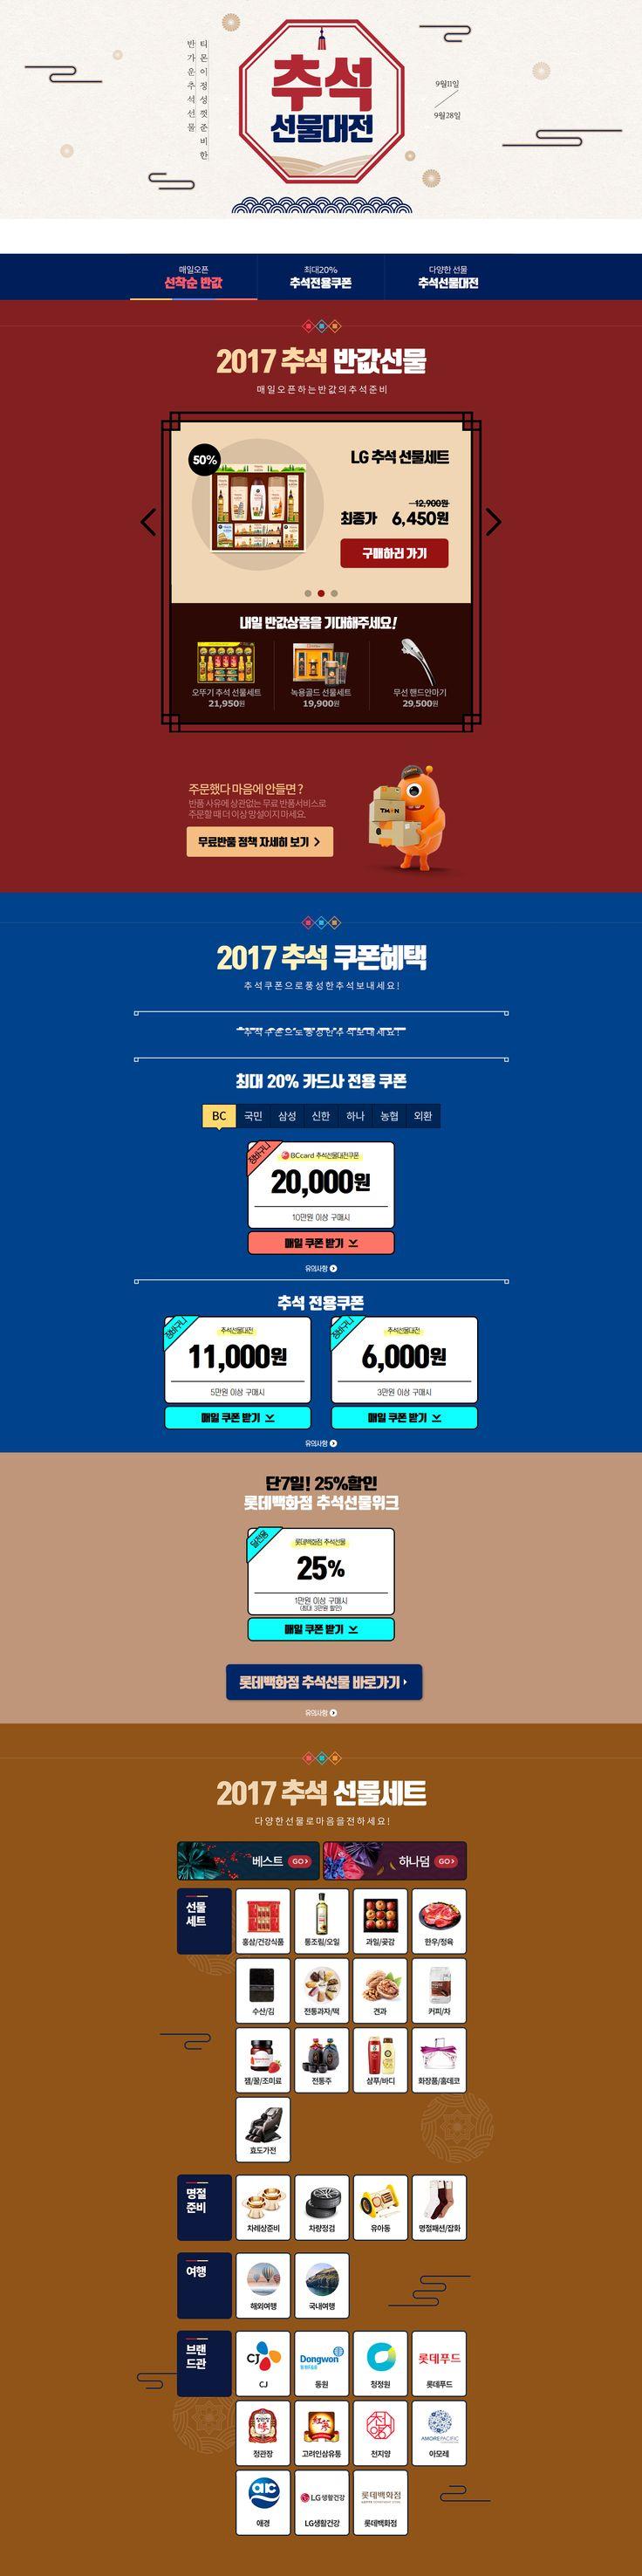 #2017년9월1주차 #티몬 #추석선물대전 www.ticketmonster.co.kr